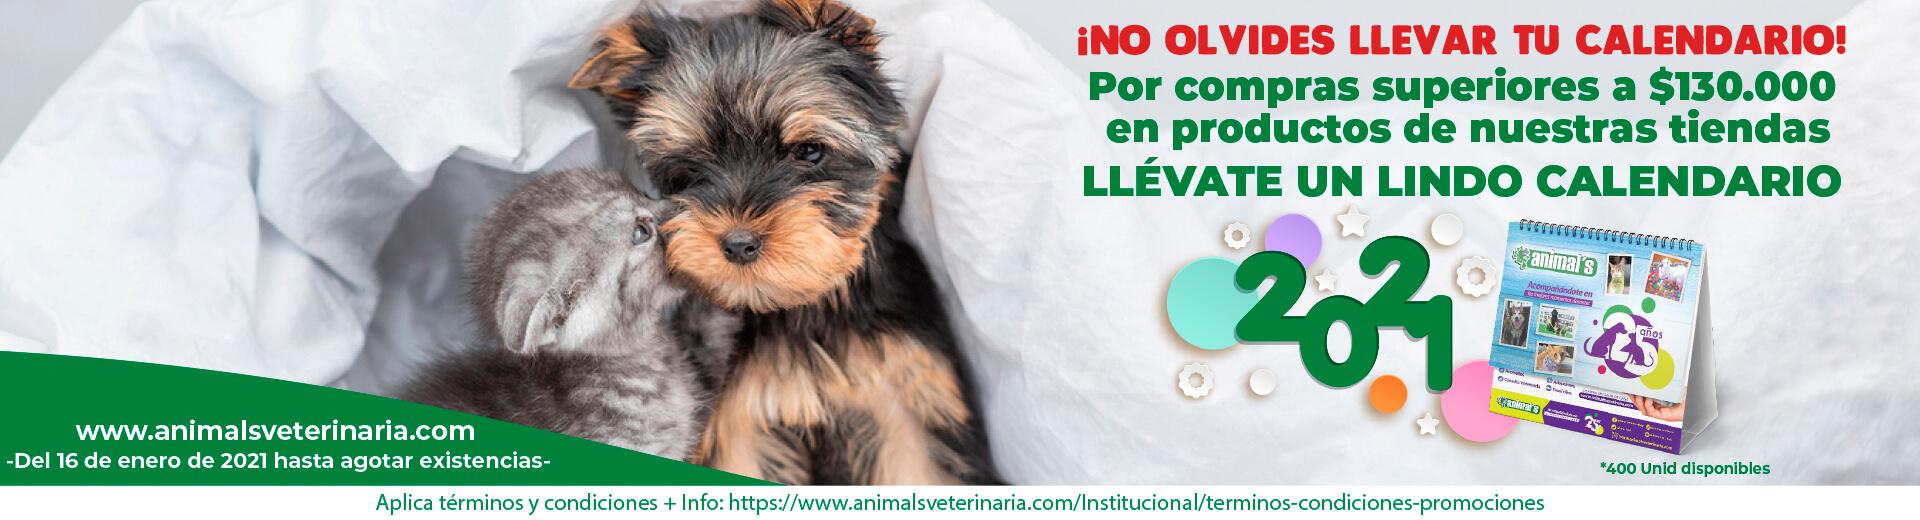 comprar alimento para perros y gatos - CALENDARIO